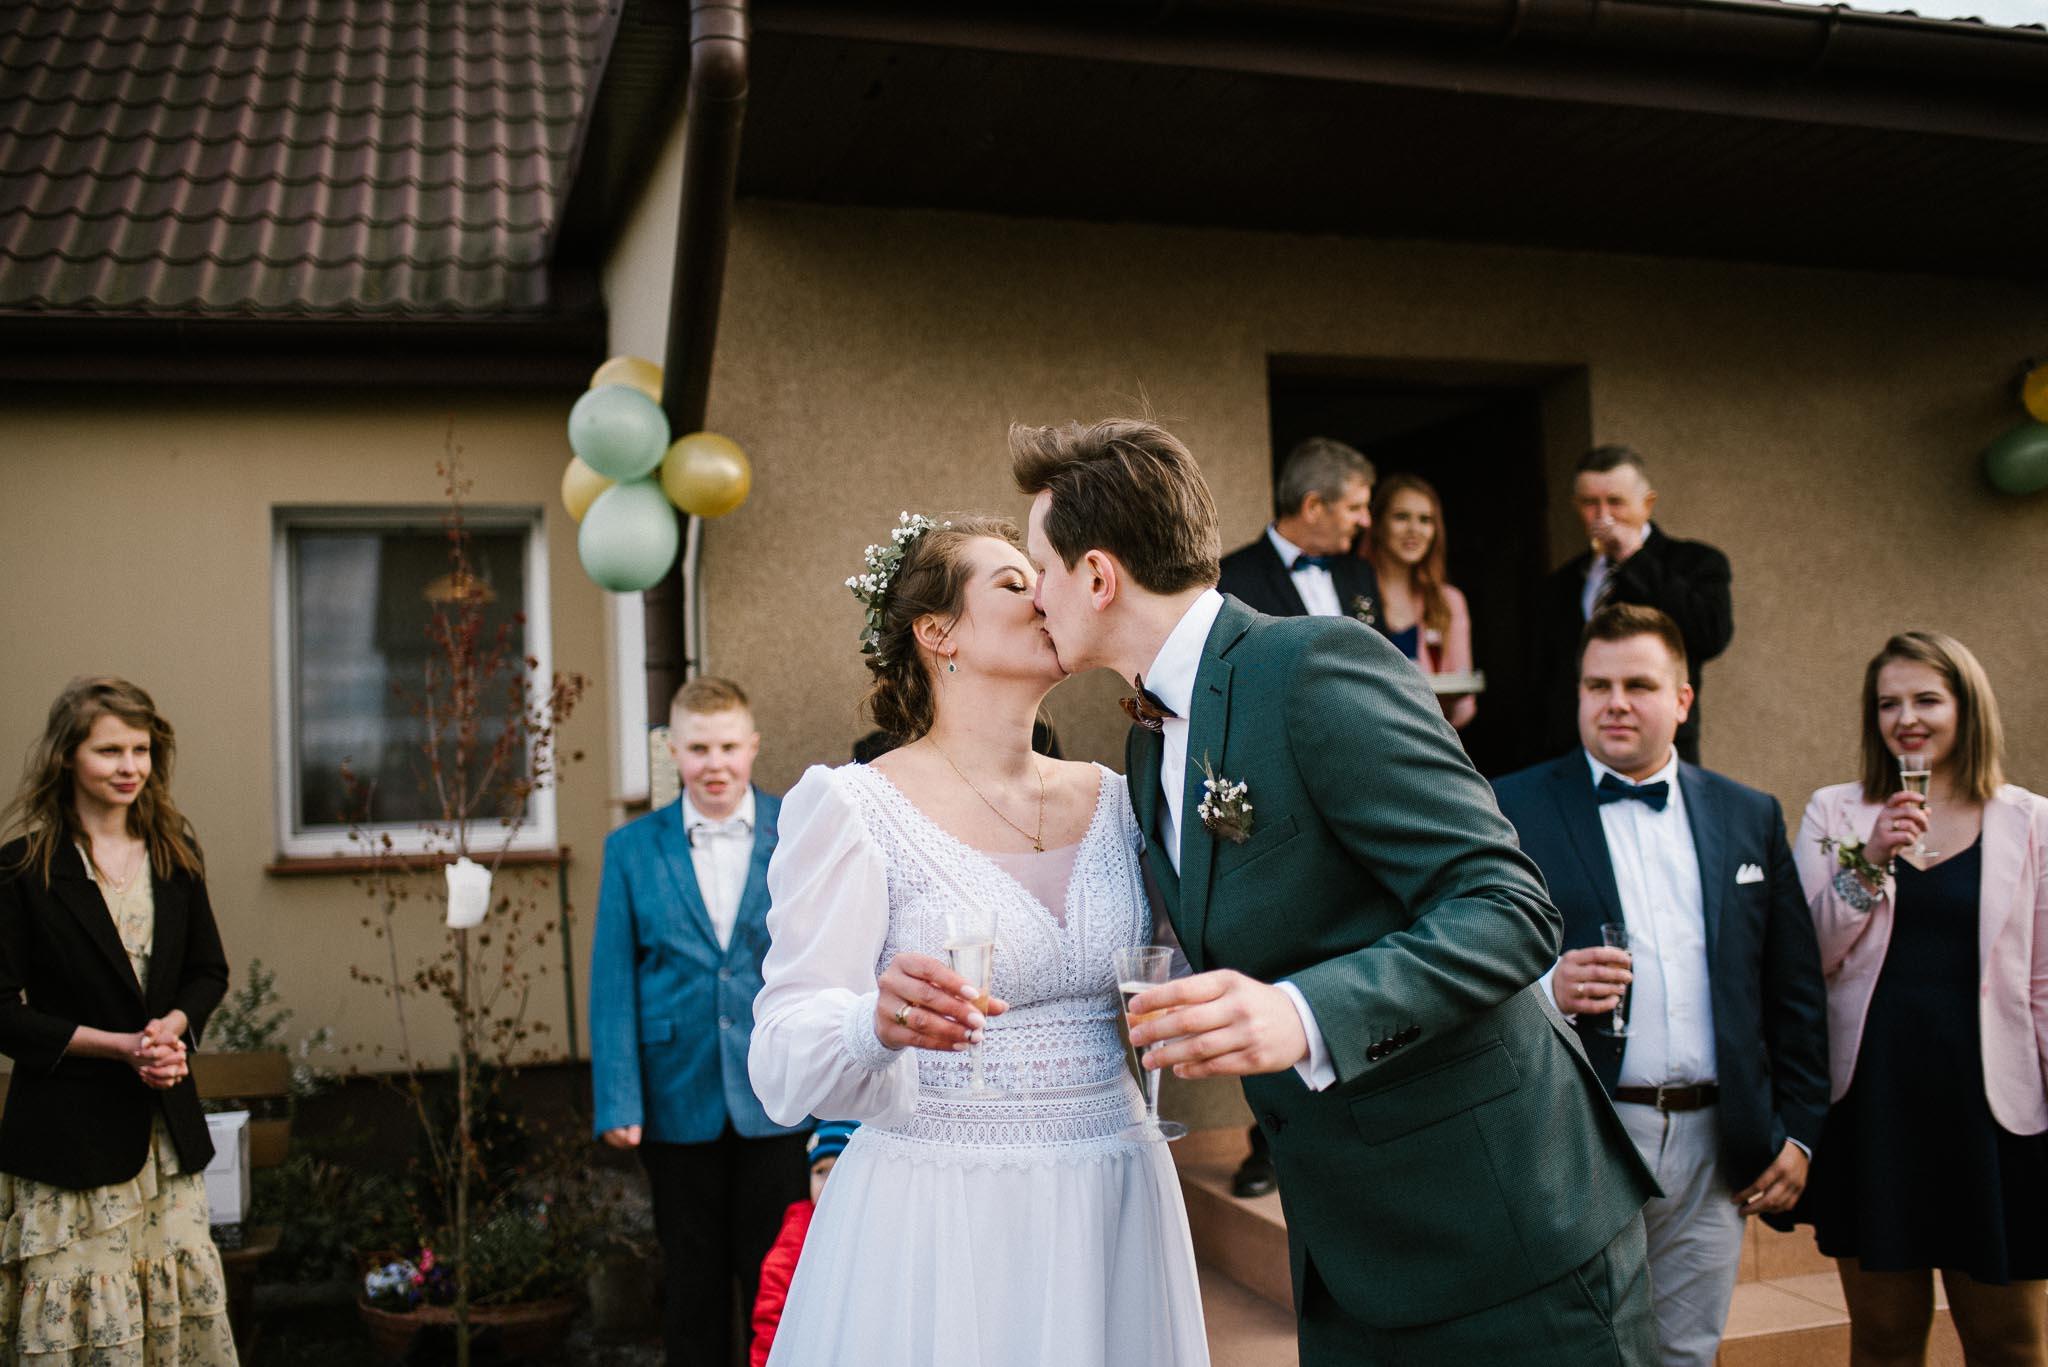 Para młoda całuje się przed domem i pija szampana - sesja ślubna reportaż Żuczki Inowrocław